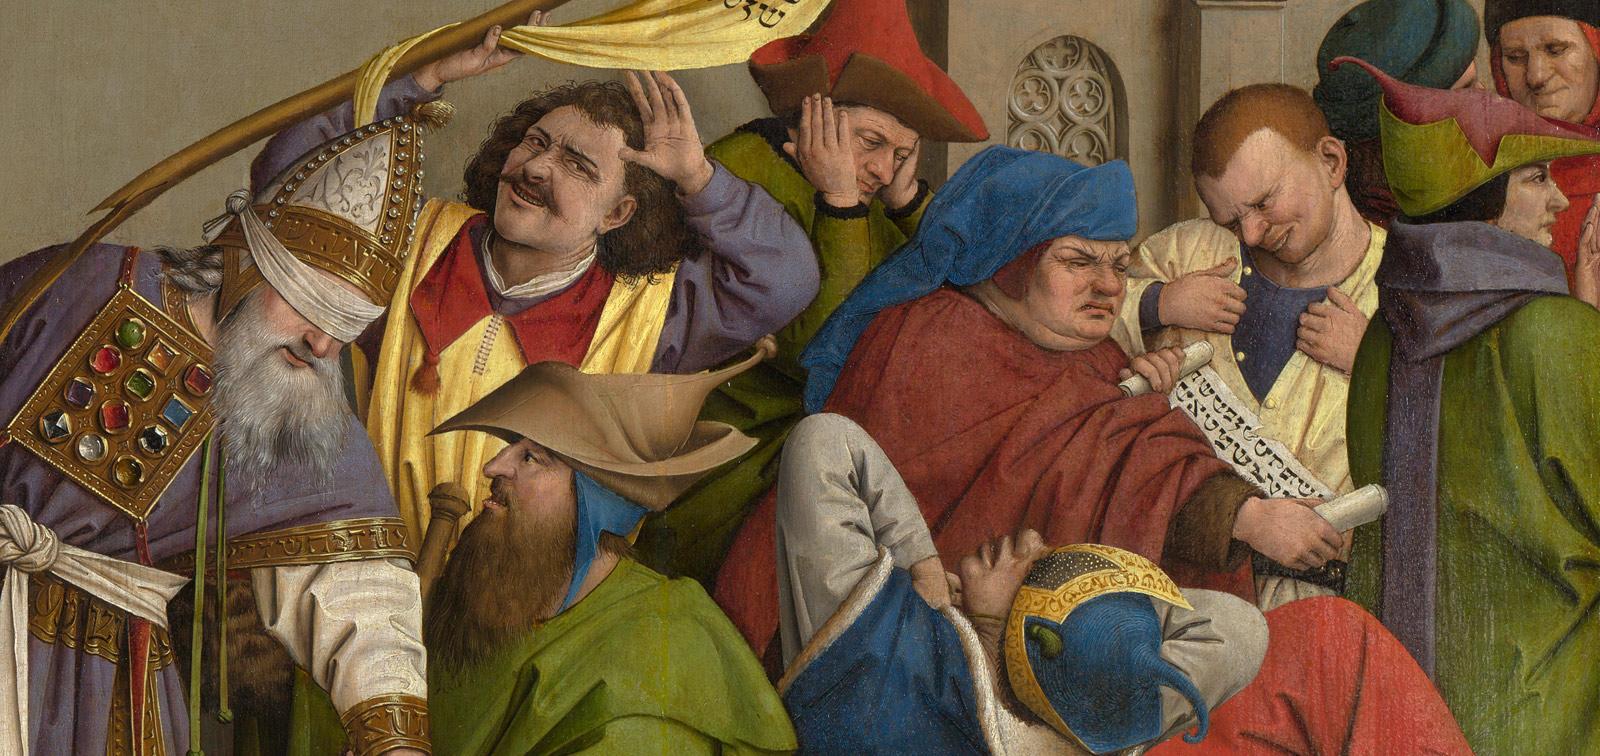 <em>La Fuente de la Gracia, los desafíos del siglo XV y la integración de los judíos en la cristiandad</em>